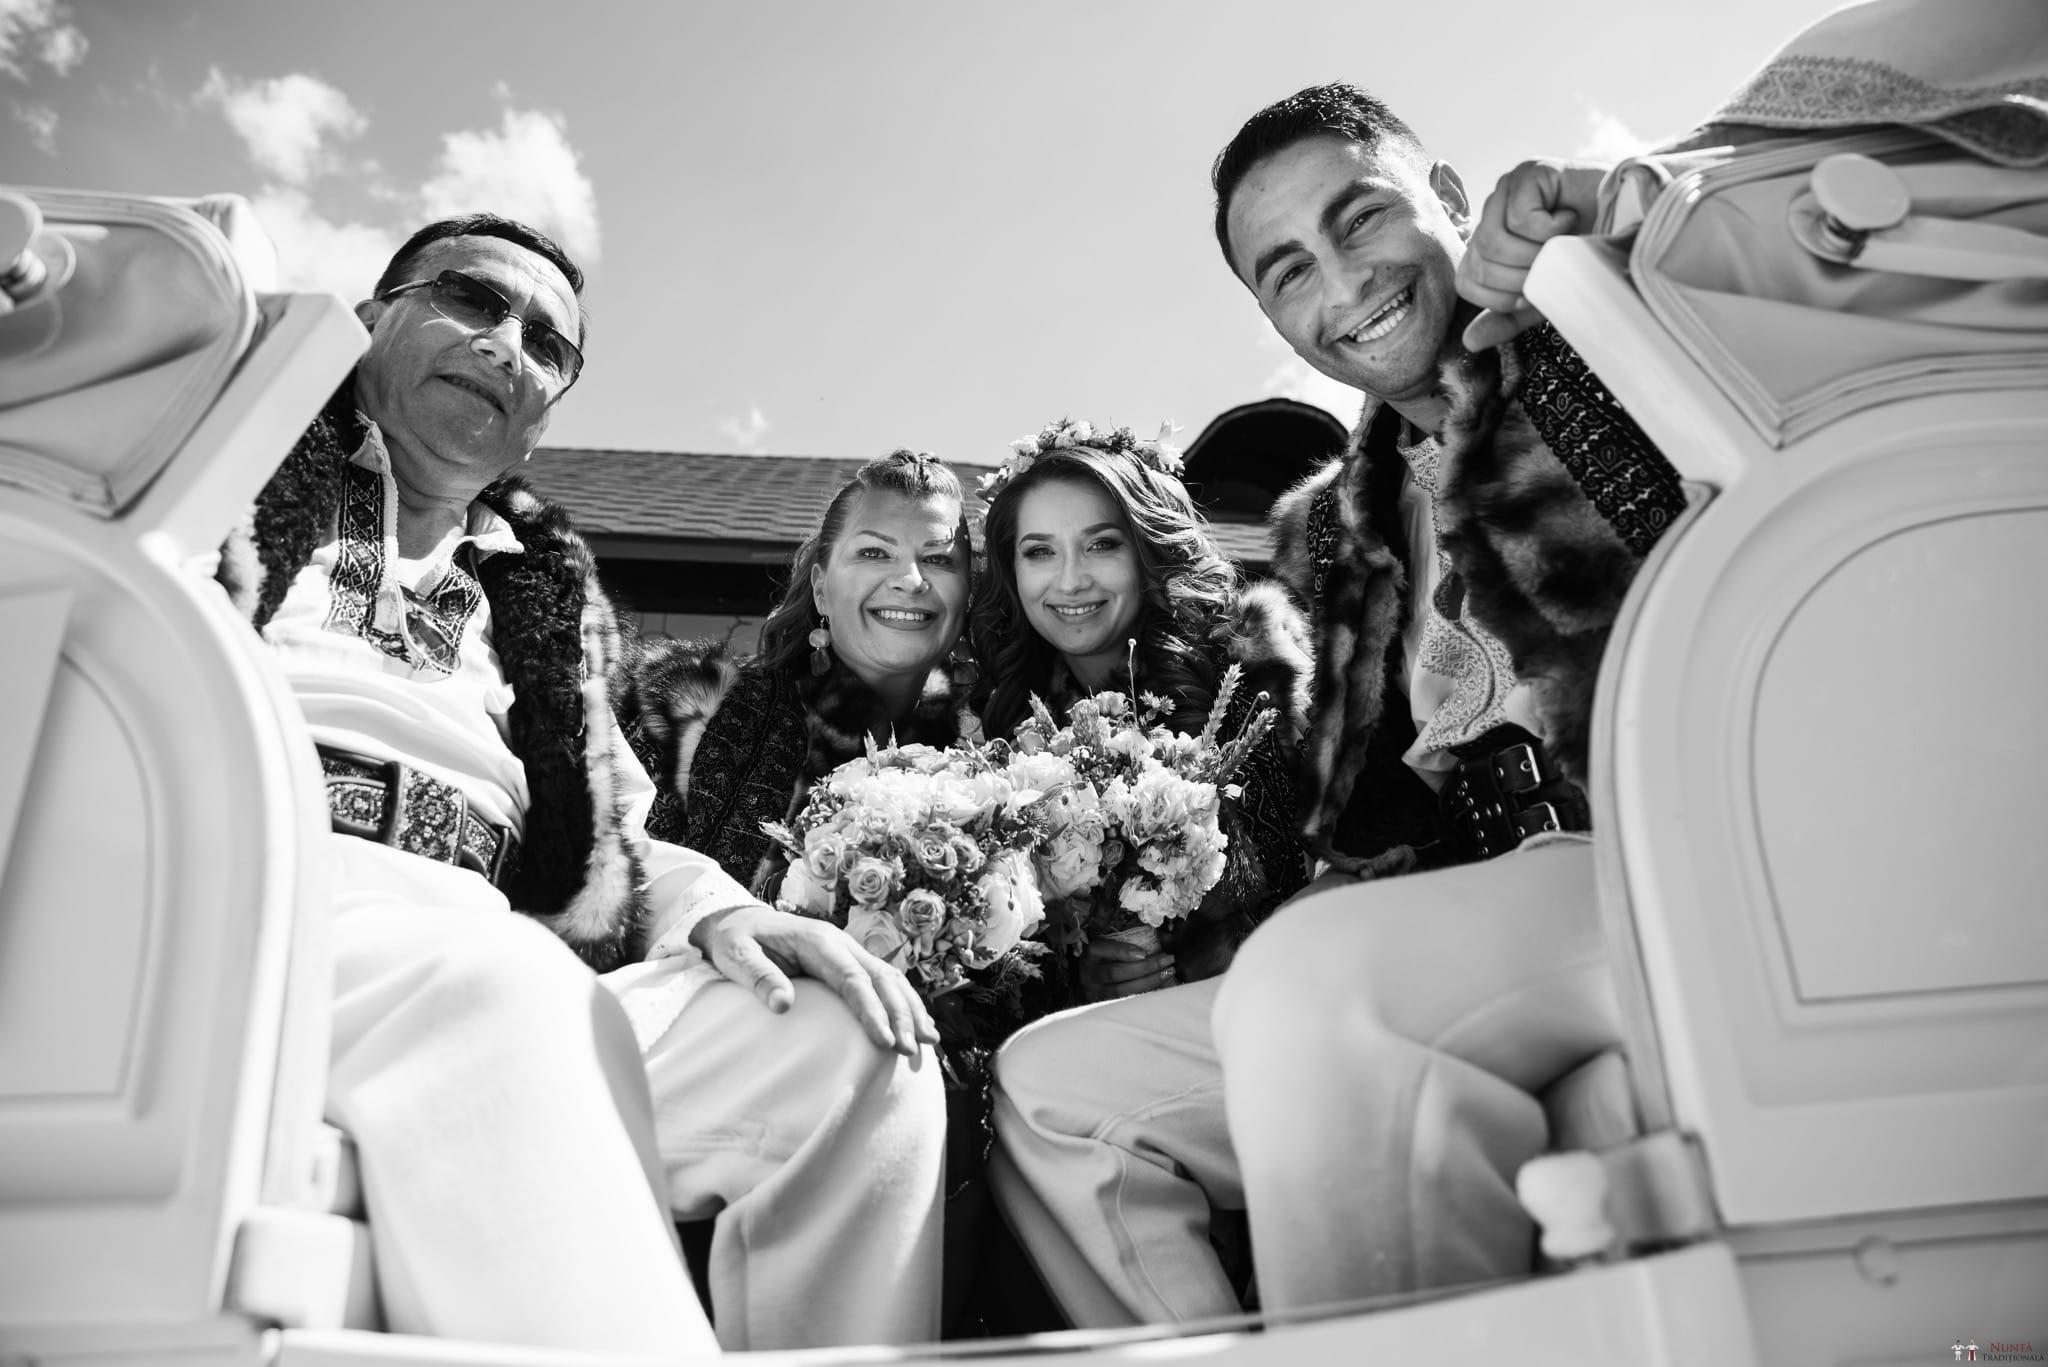 Povești Nunți Tradiționale - Irina și Alexandru, nuntă în Câmpulung Moldovenesc, Suceava 42